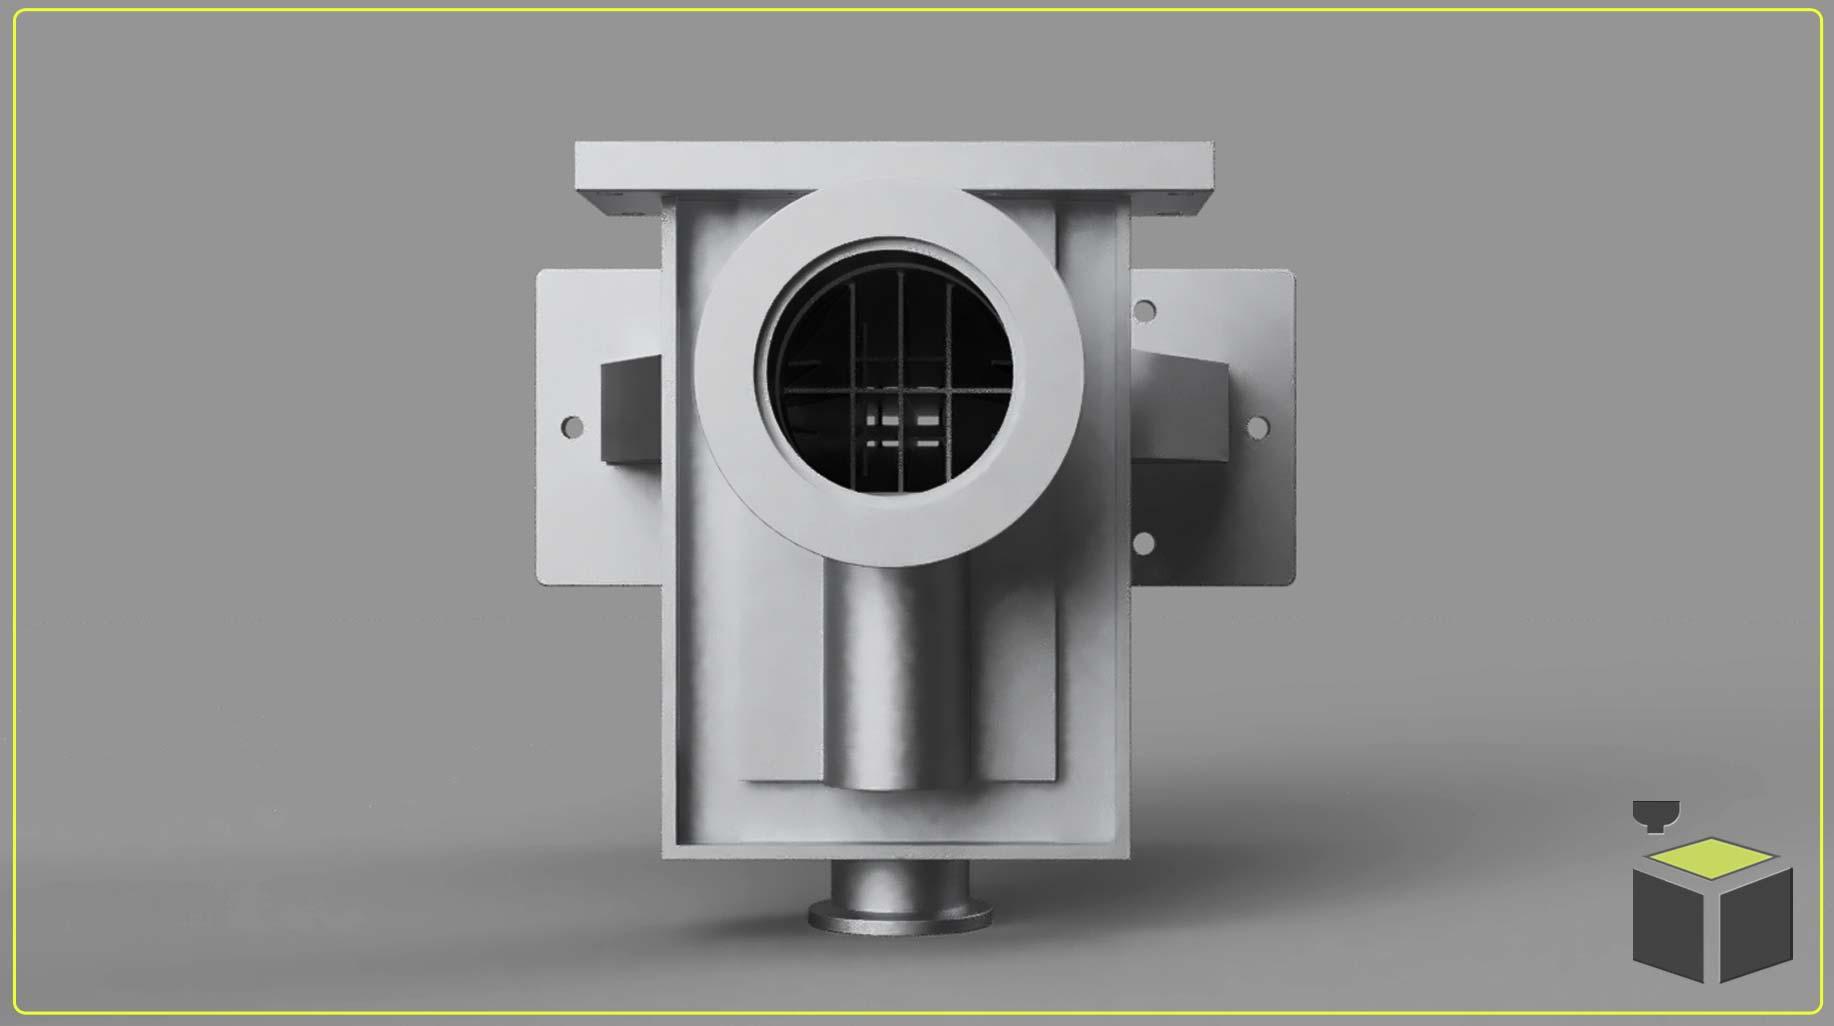 3D tlac hliniku